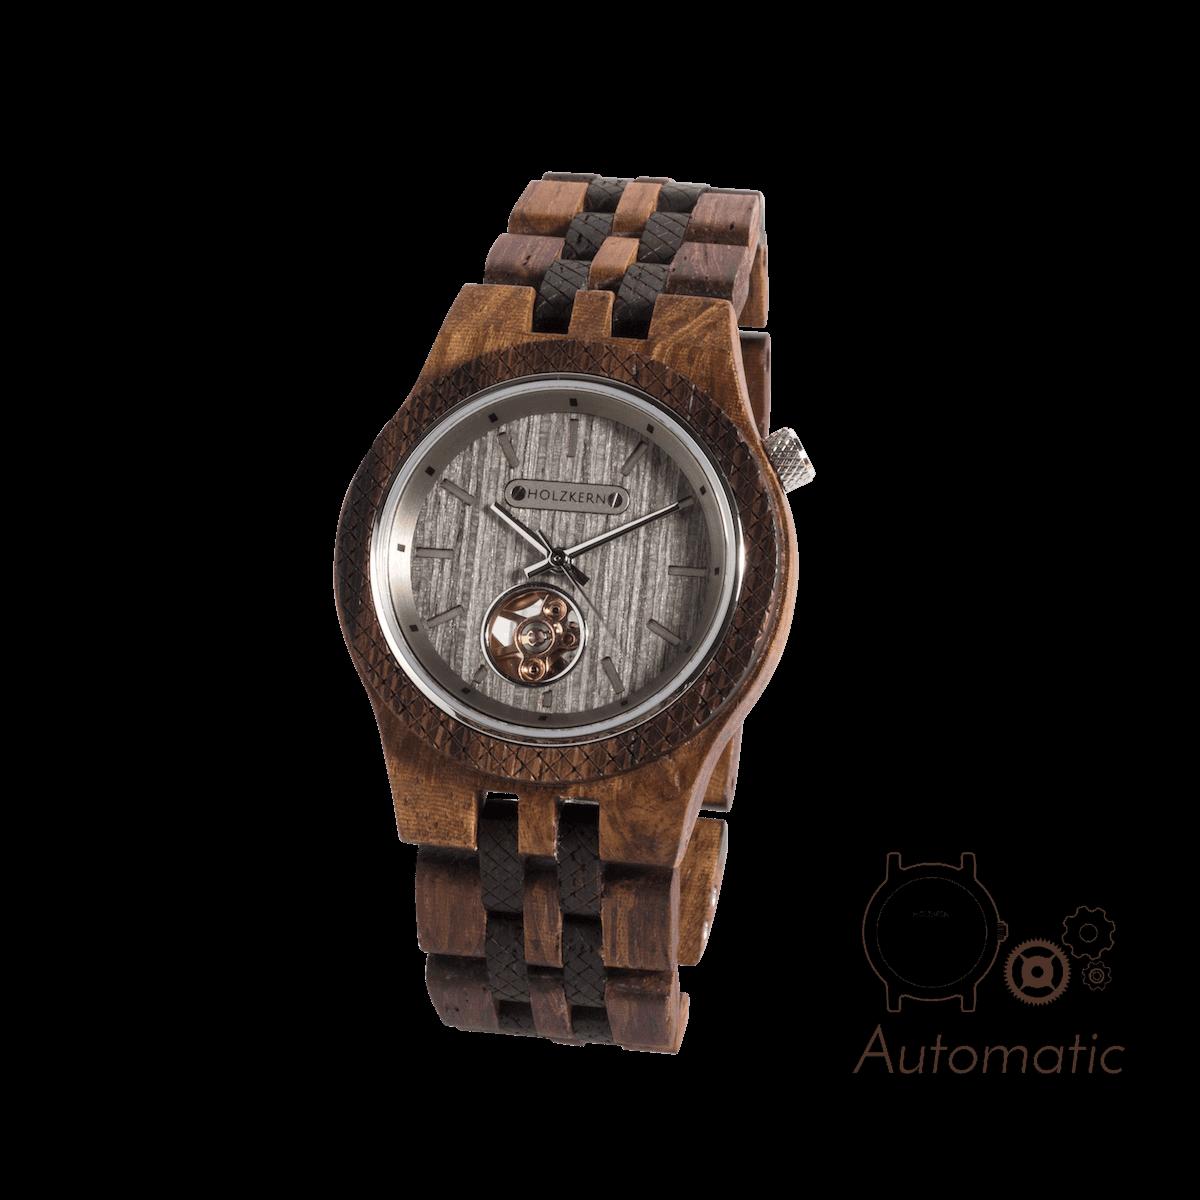 Damen Holzuhr Aurel aus Walnuss und Silbereiche mit sichtbarem mechanischen Uhrwerk und Holzkern Schriftzug